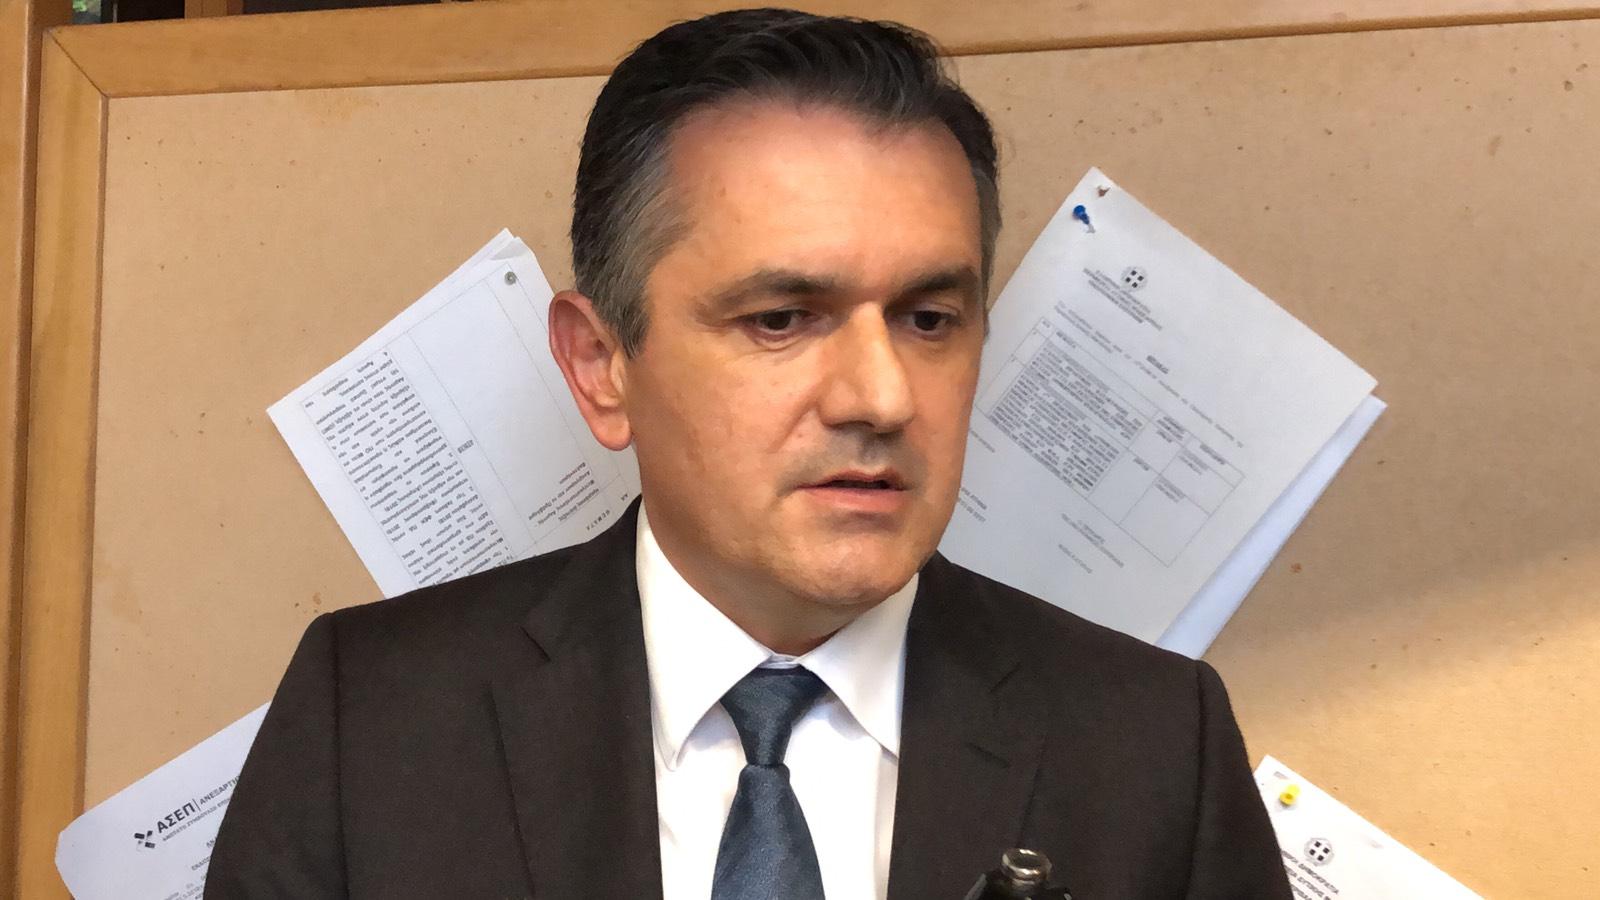 Την υποβολή προτάσεων στο ΠΕΠ Δυτικής Μακεδονίας και για δράσεις πρόληψης και αντιμετώπισης του κορωνοϊού, ζητάει με επιστολή του από τους φορείς υγείας (3η ΥΠΕ, Νοσοκομεία, ΕΚΑΒ) ο Περιφερειάρχης Δυτικής Μακεδονίας